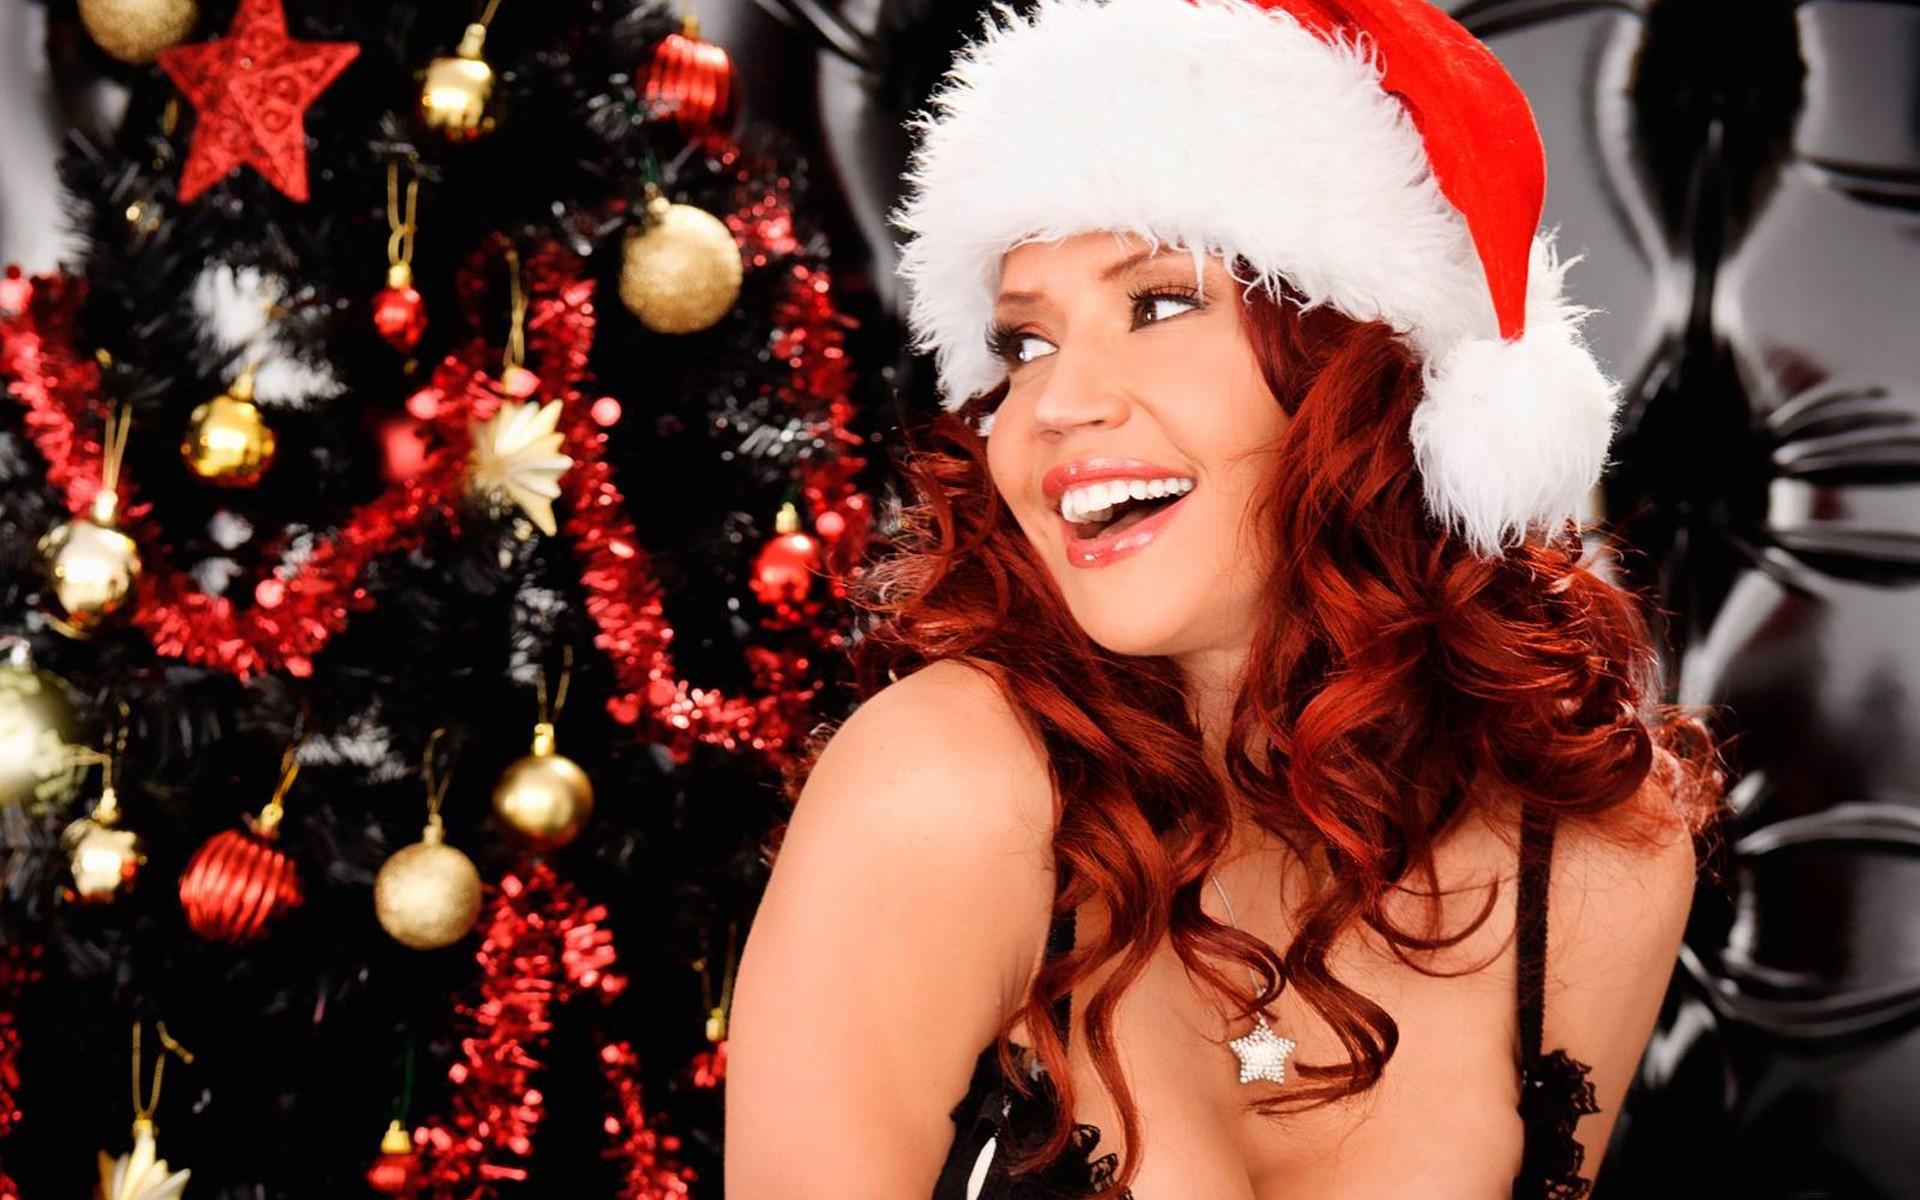 Frau mit Weihnachtsmütze vor Christbaum